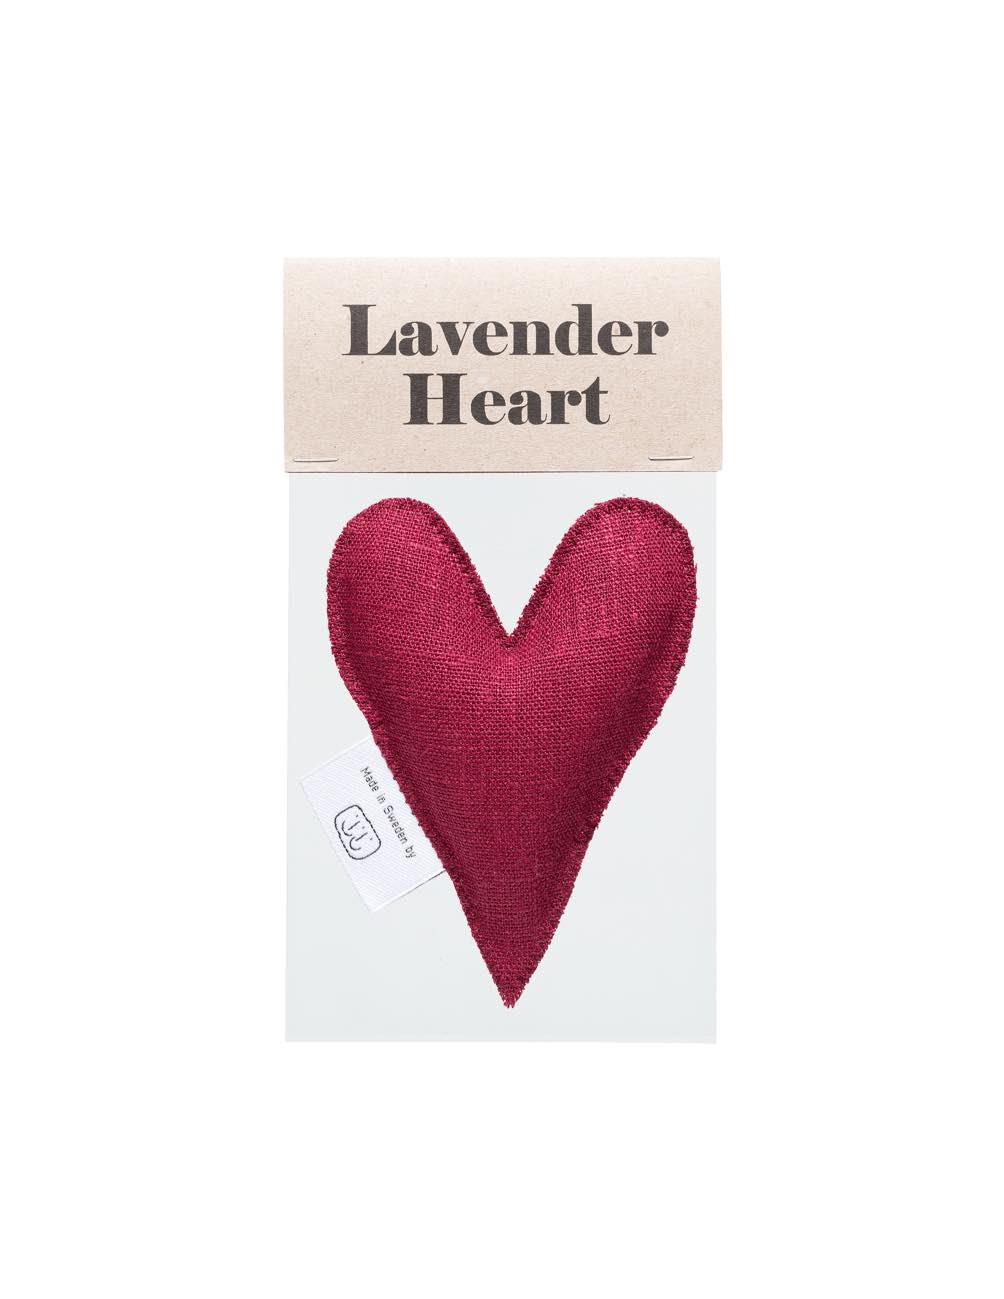 Lavender Heart Burgundy